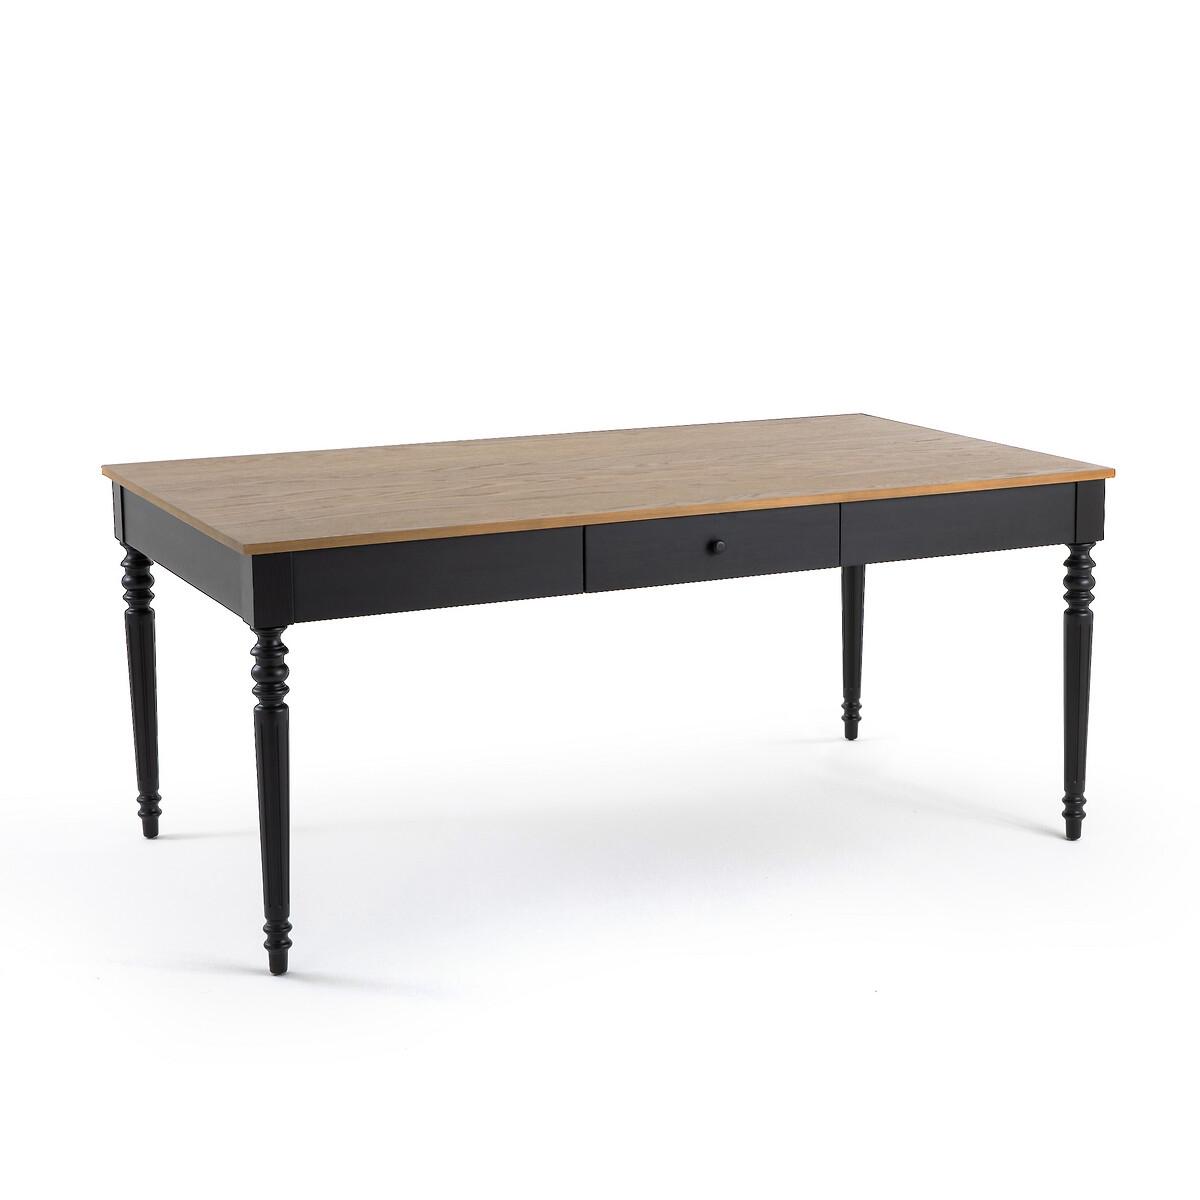 Стол LaRedoute Обеденный на 8 персон Lipstick 8 персоны черный стол laredoute обеденный из массива сосны на 8 персон gabor 8 персоны бежевый